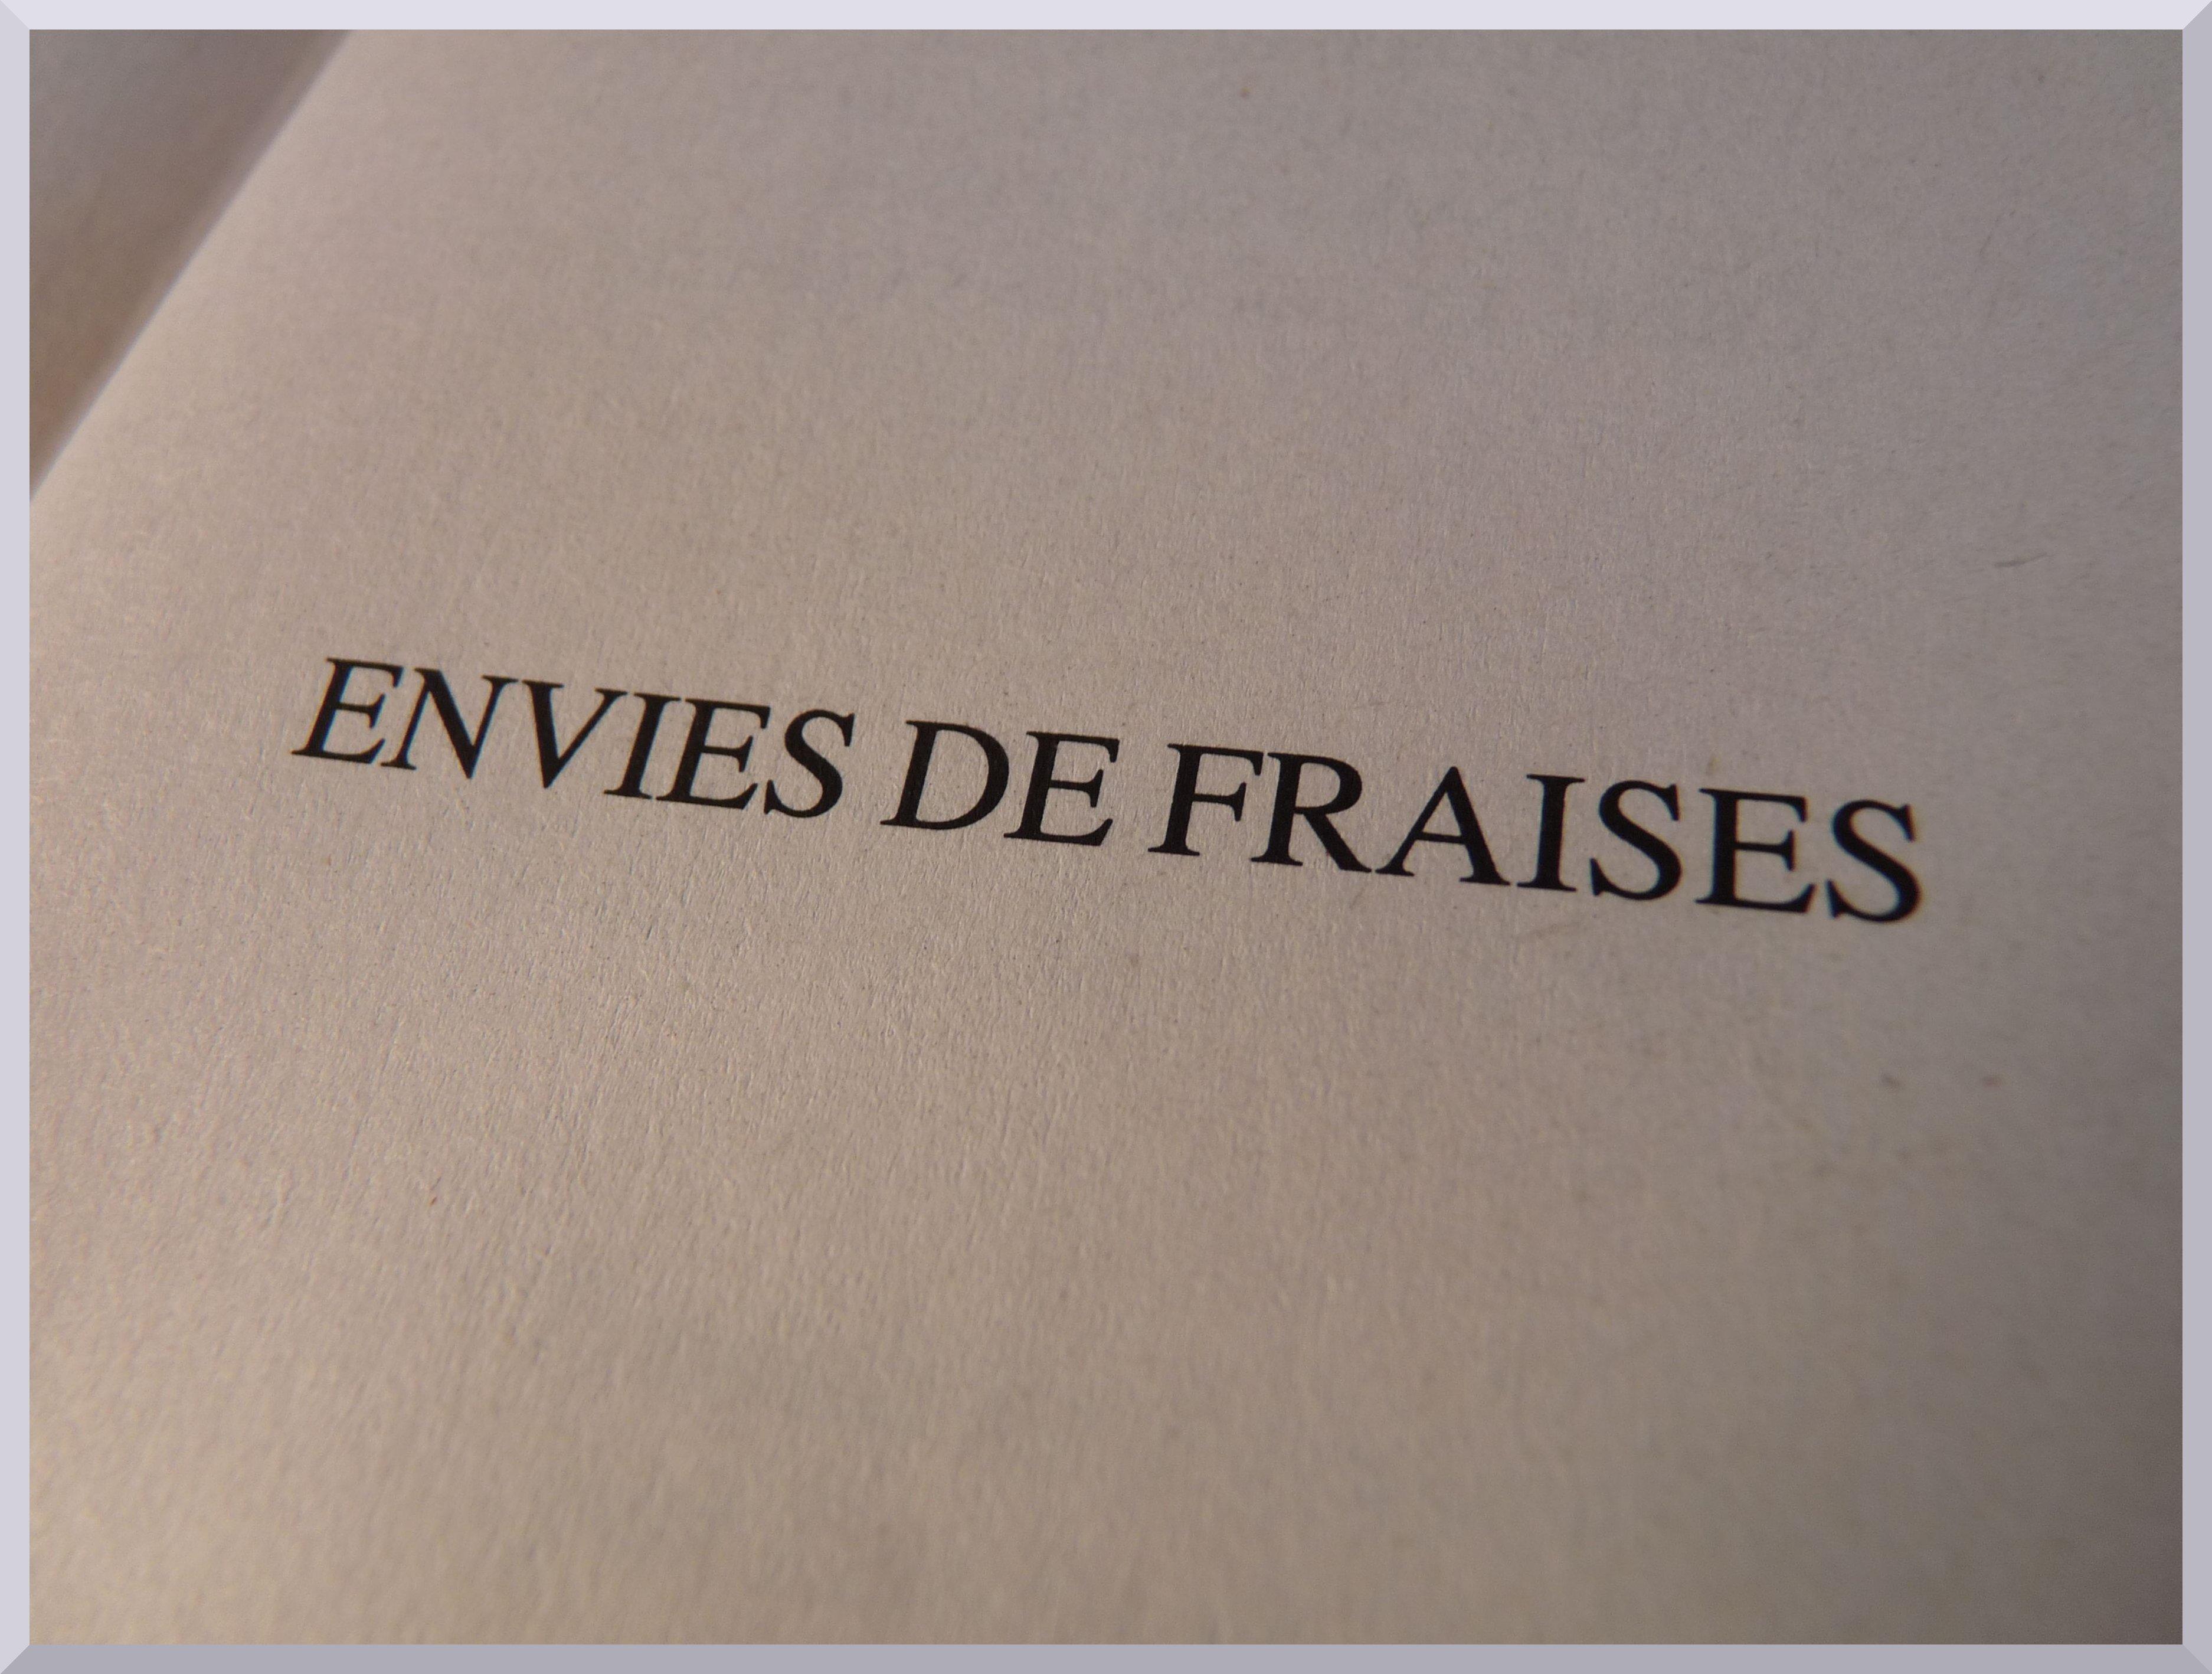 enviedefraises - 6